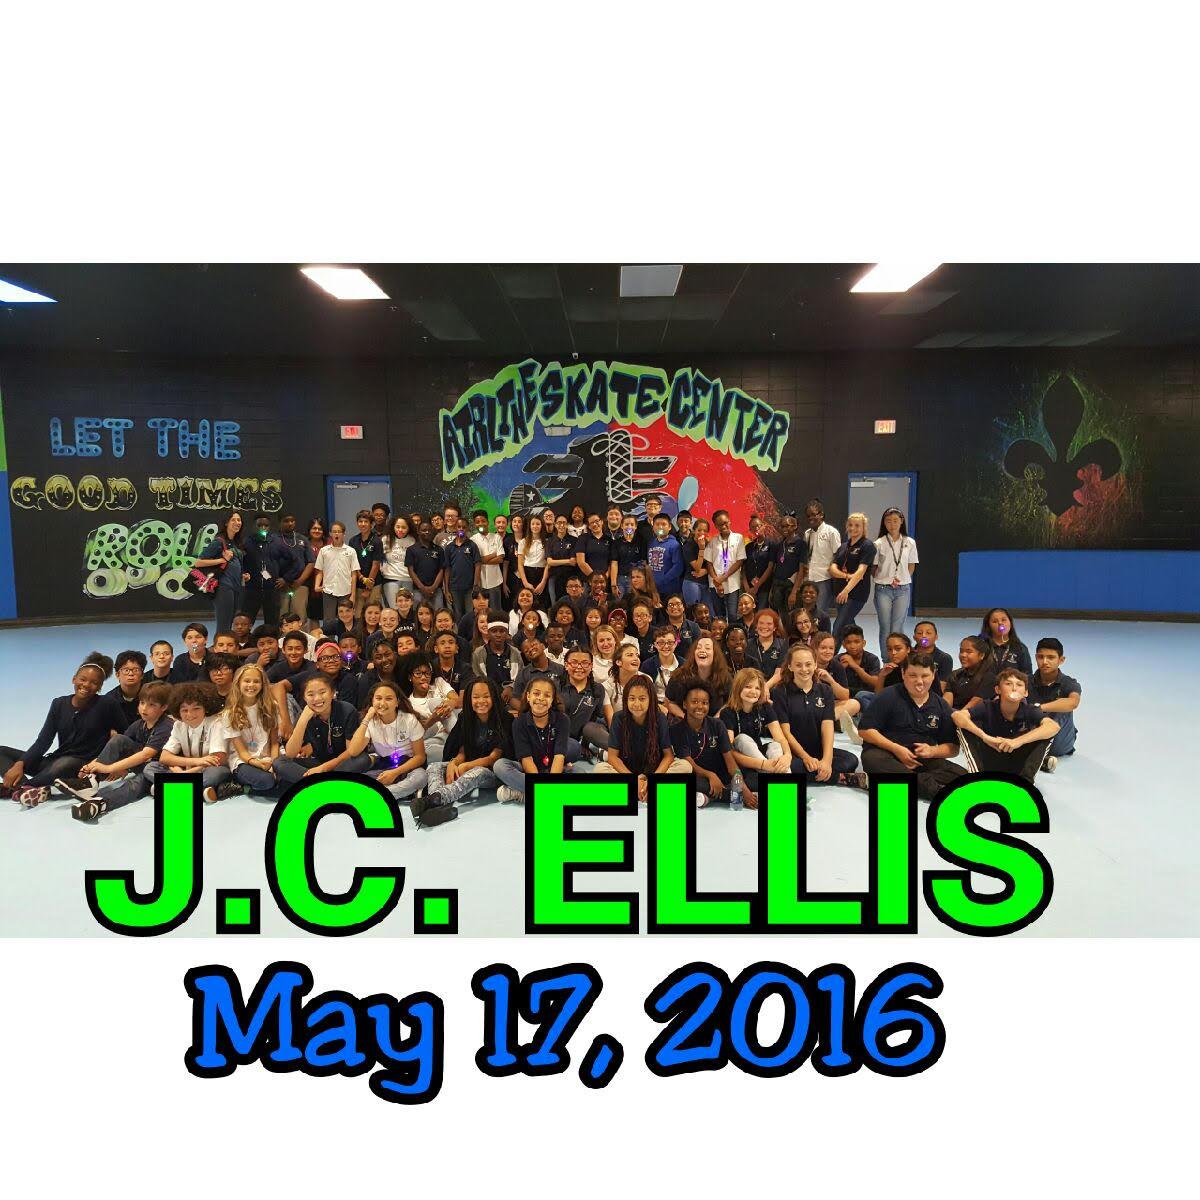 JC Ellis 2016